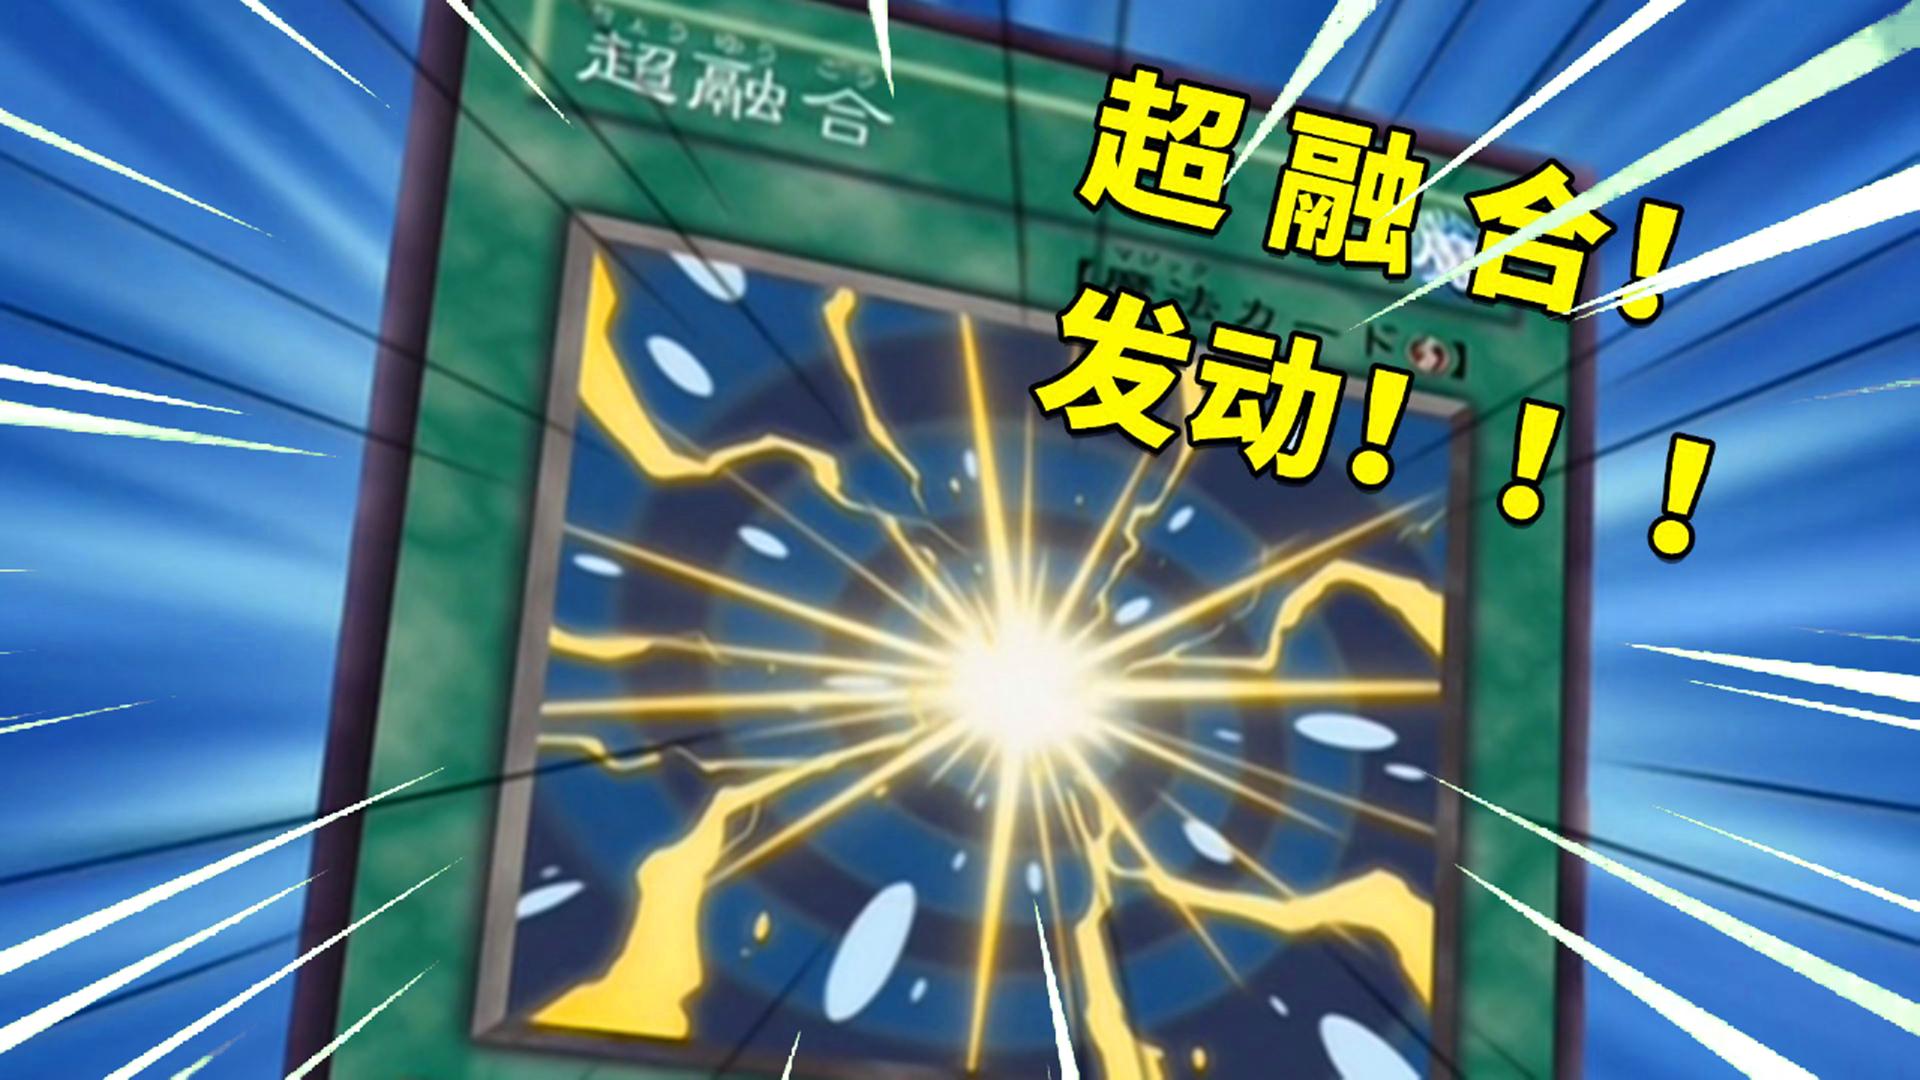 【游戏王卡牌物语13】绝对无敌!引导向完全胜利的究极之卡!超融合!